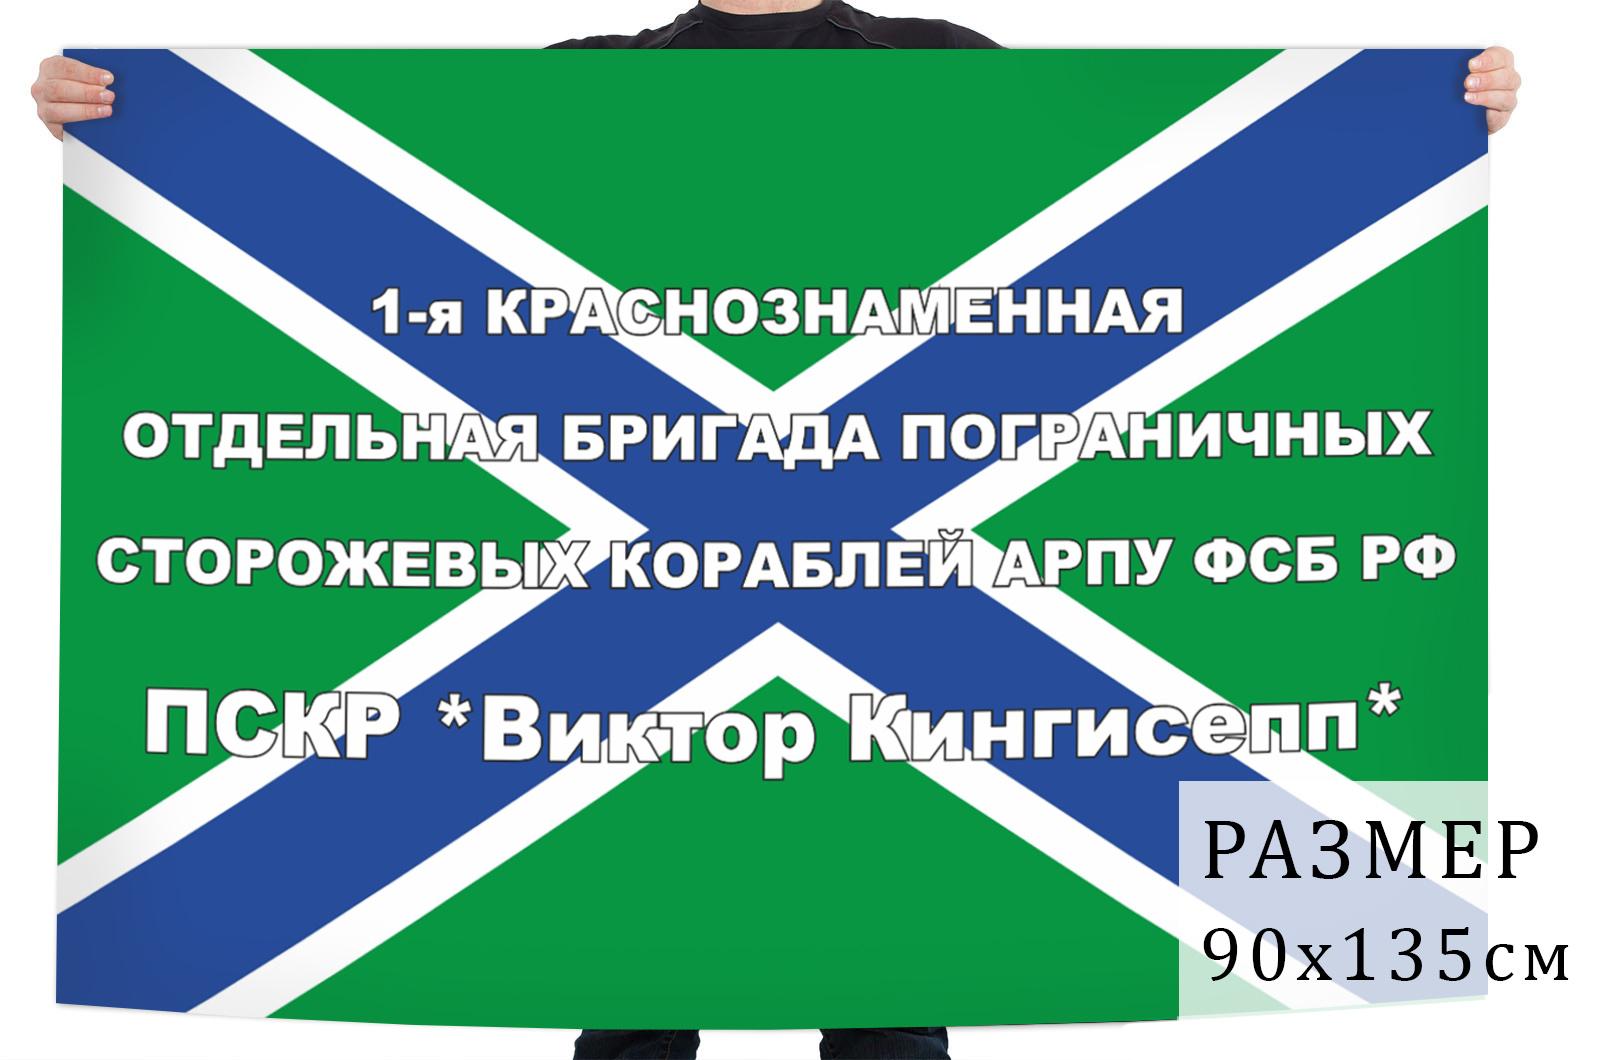 Заказать флаг 1-я Краснознаменная Отдельная бригада ПСКР АРПУ ФСБ РФ